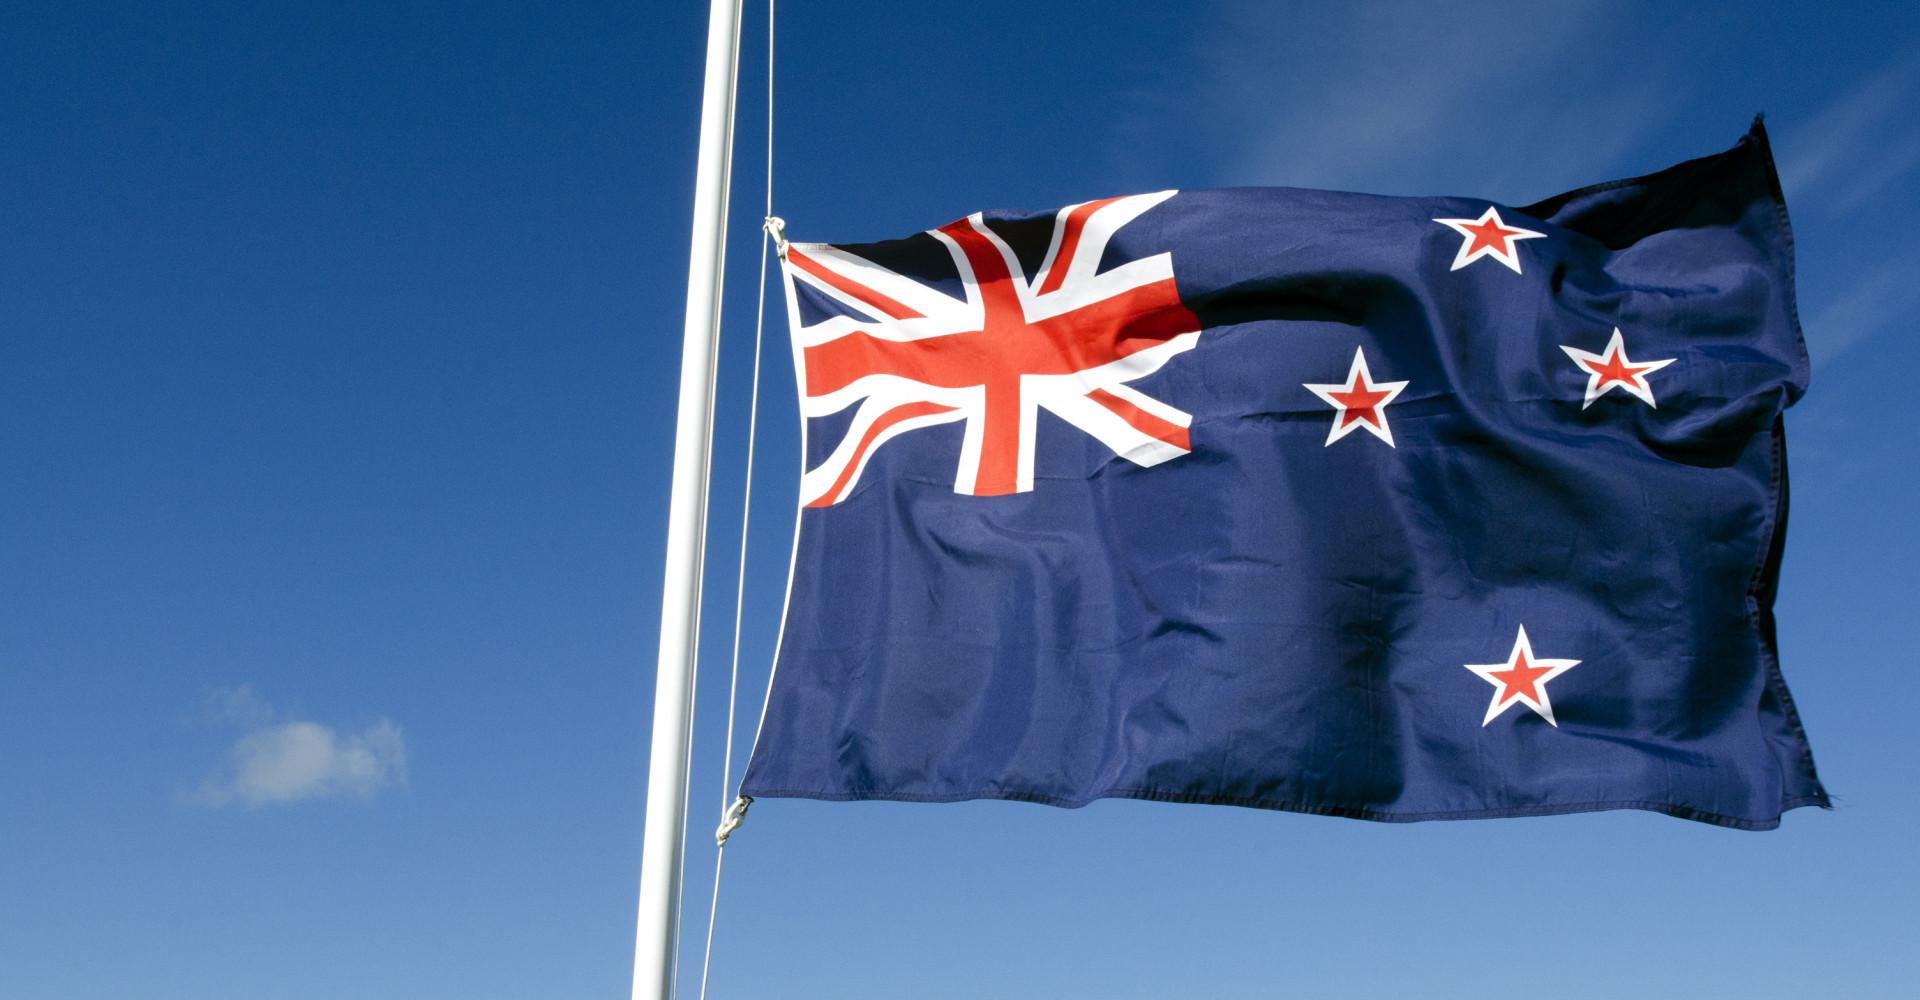 30 infos surprenantes à propos de la Nouvelle-Zélande